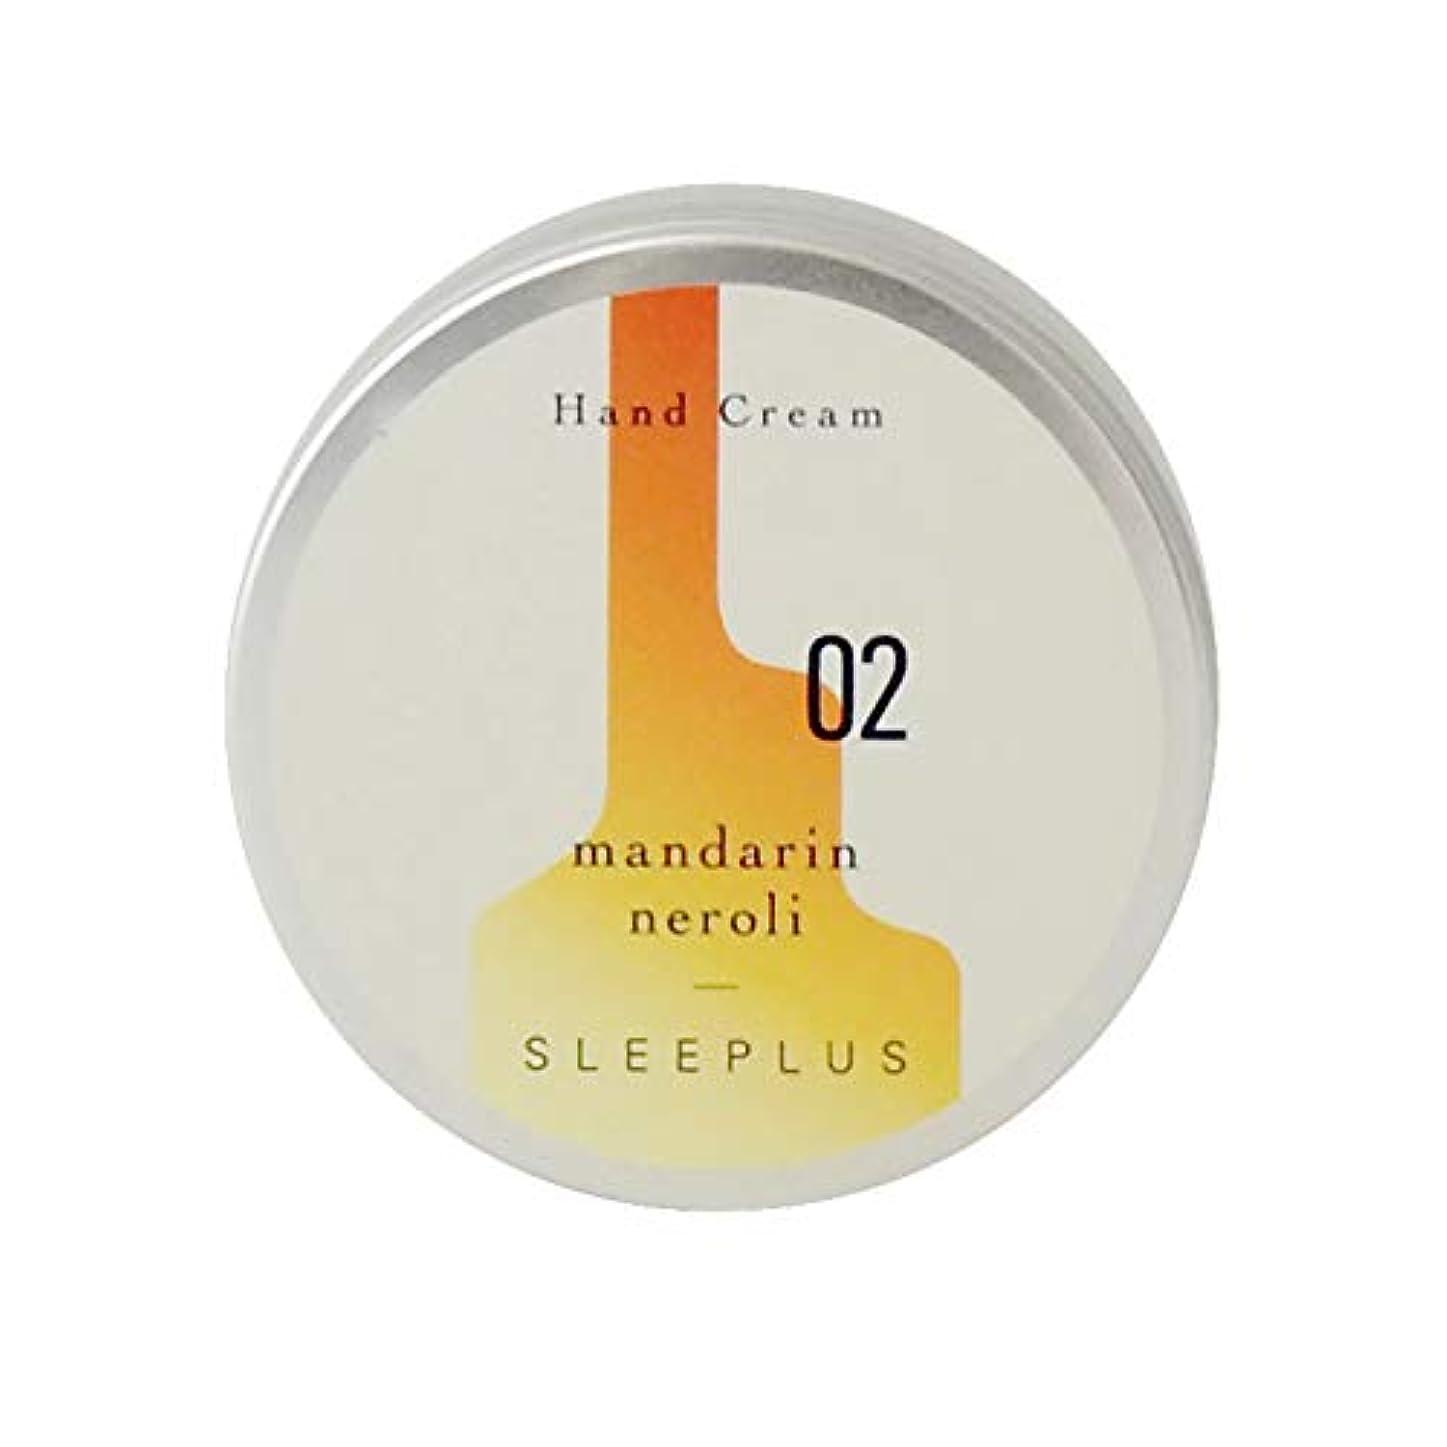 秘書ブルーベル刺繍Heavenly Aroom ハンドクリーム SLEEPLUS 02 マンダリンネロリ 75g